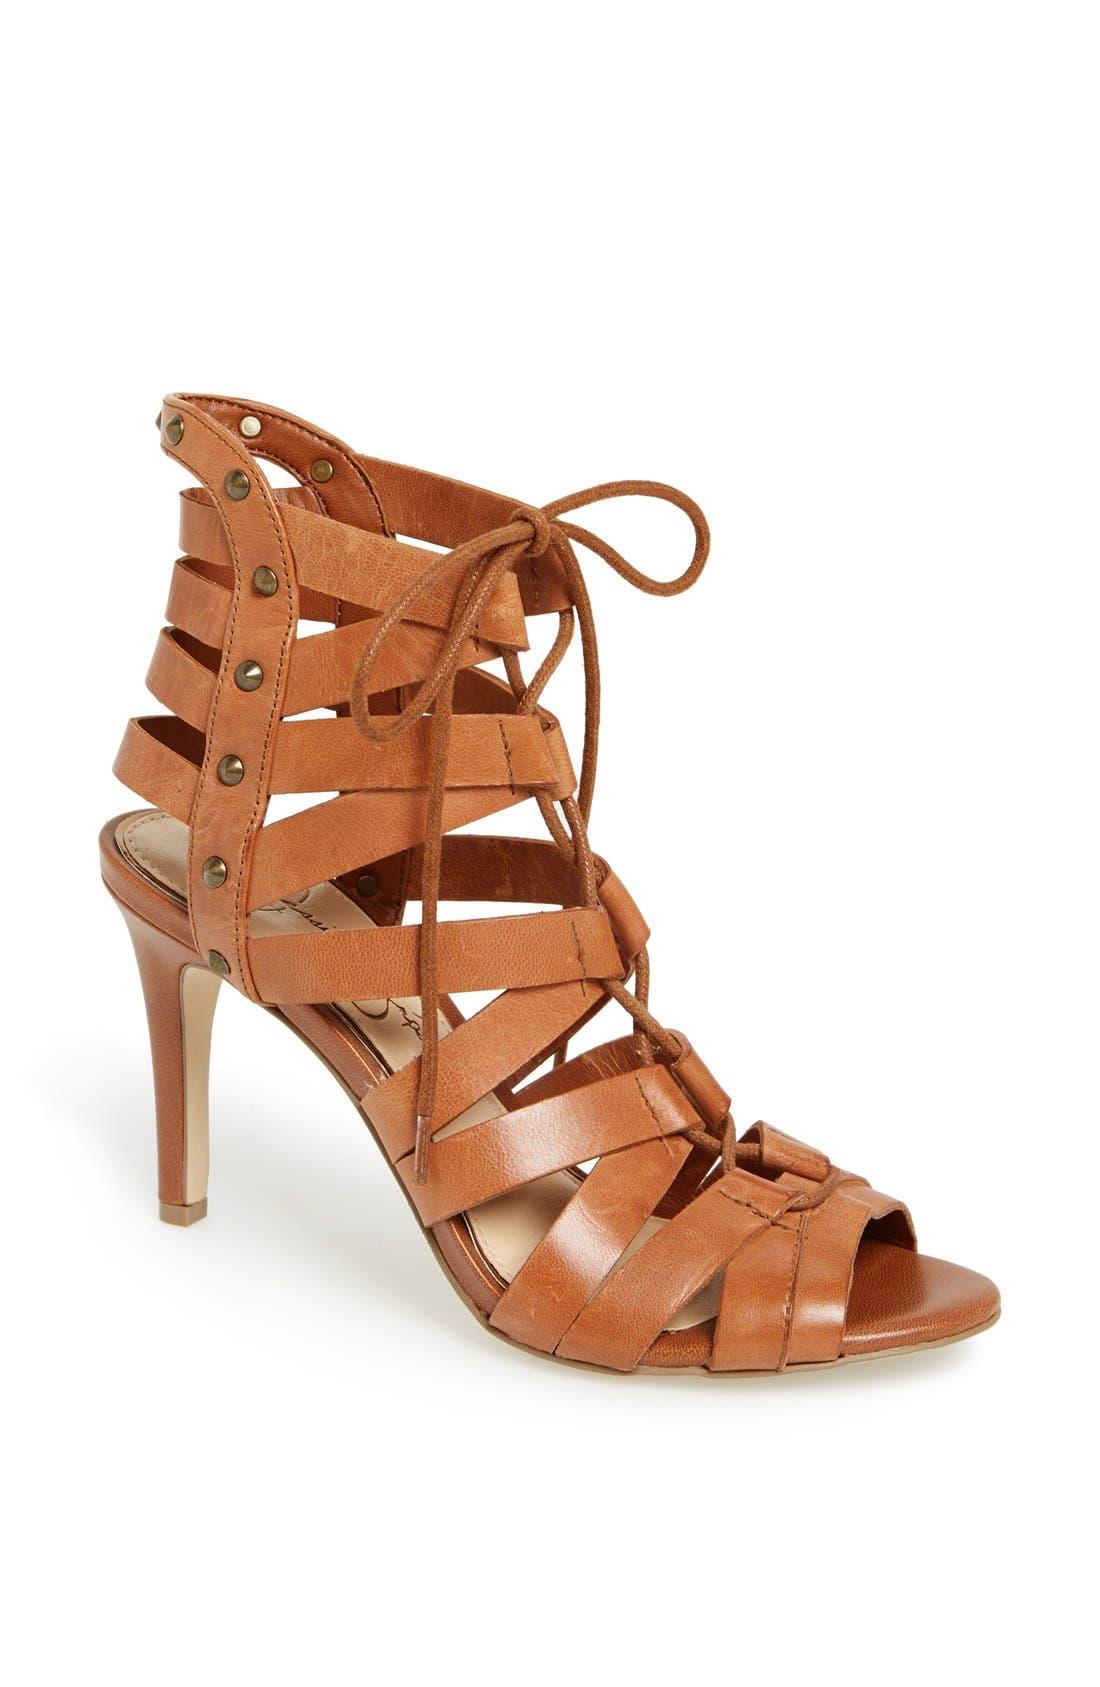 Main Image - Jessica Simpson 'Larsenn' Sandal